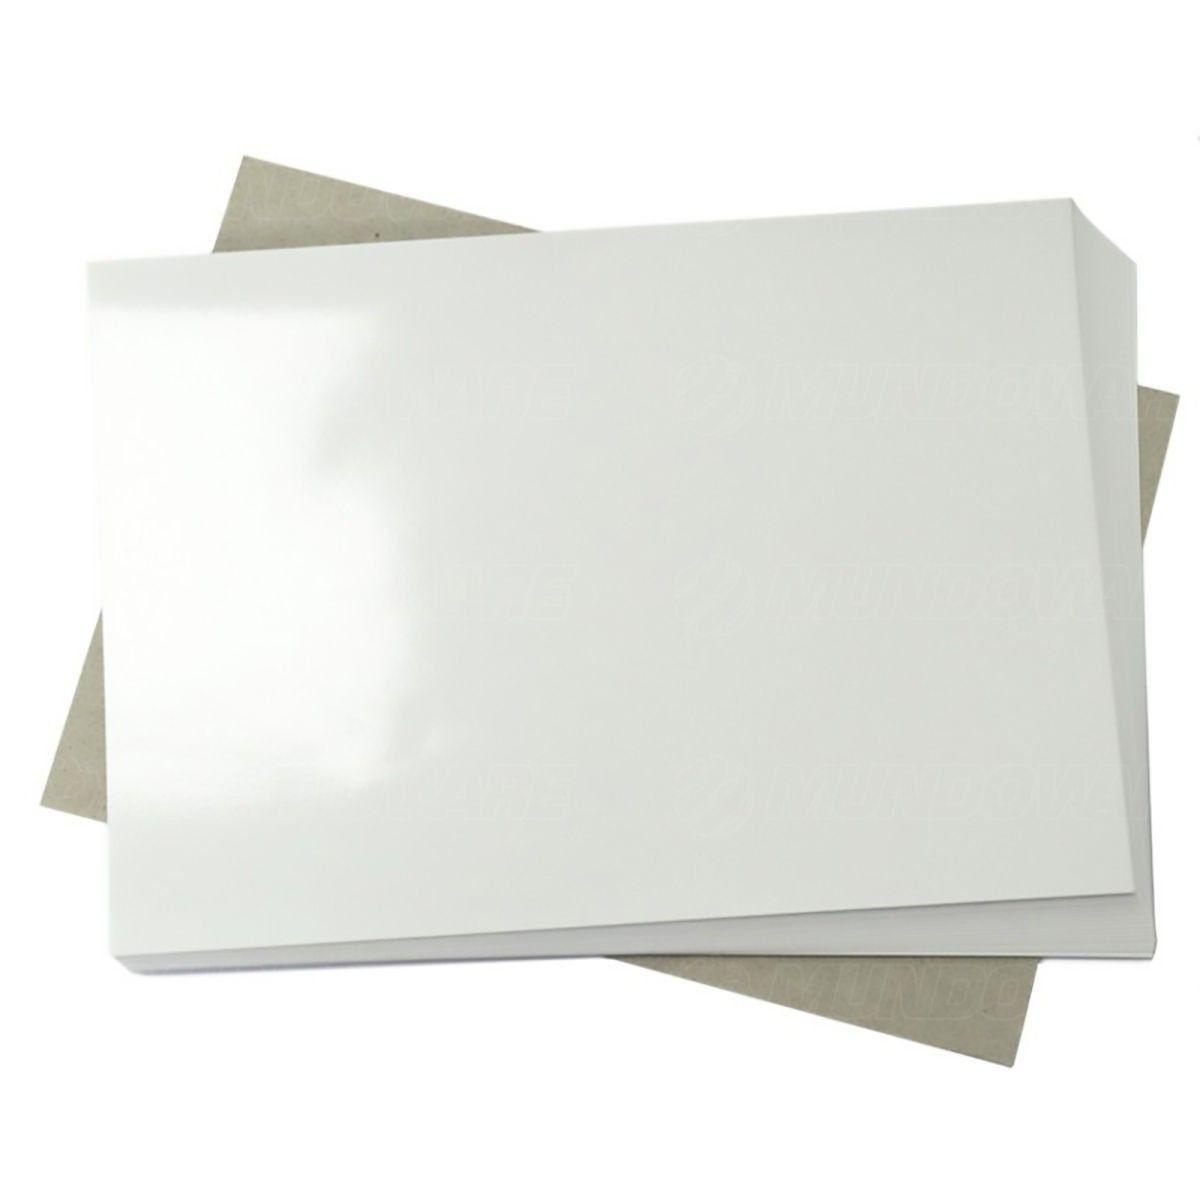 Papel Fotográfico 115g A4 Glossy Branco Brilhante Resistente à Água / 50 folhas